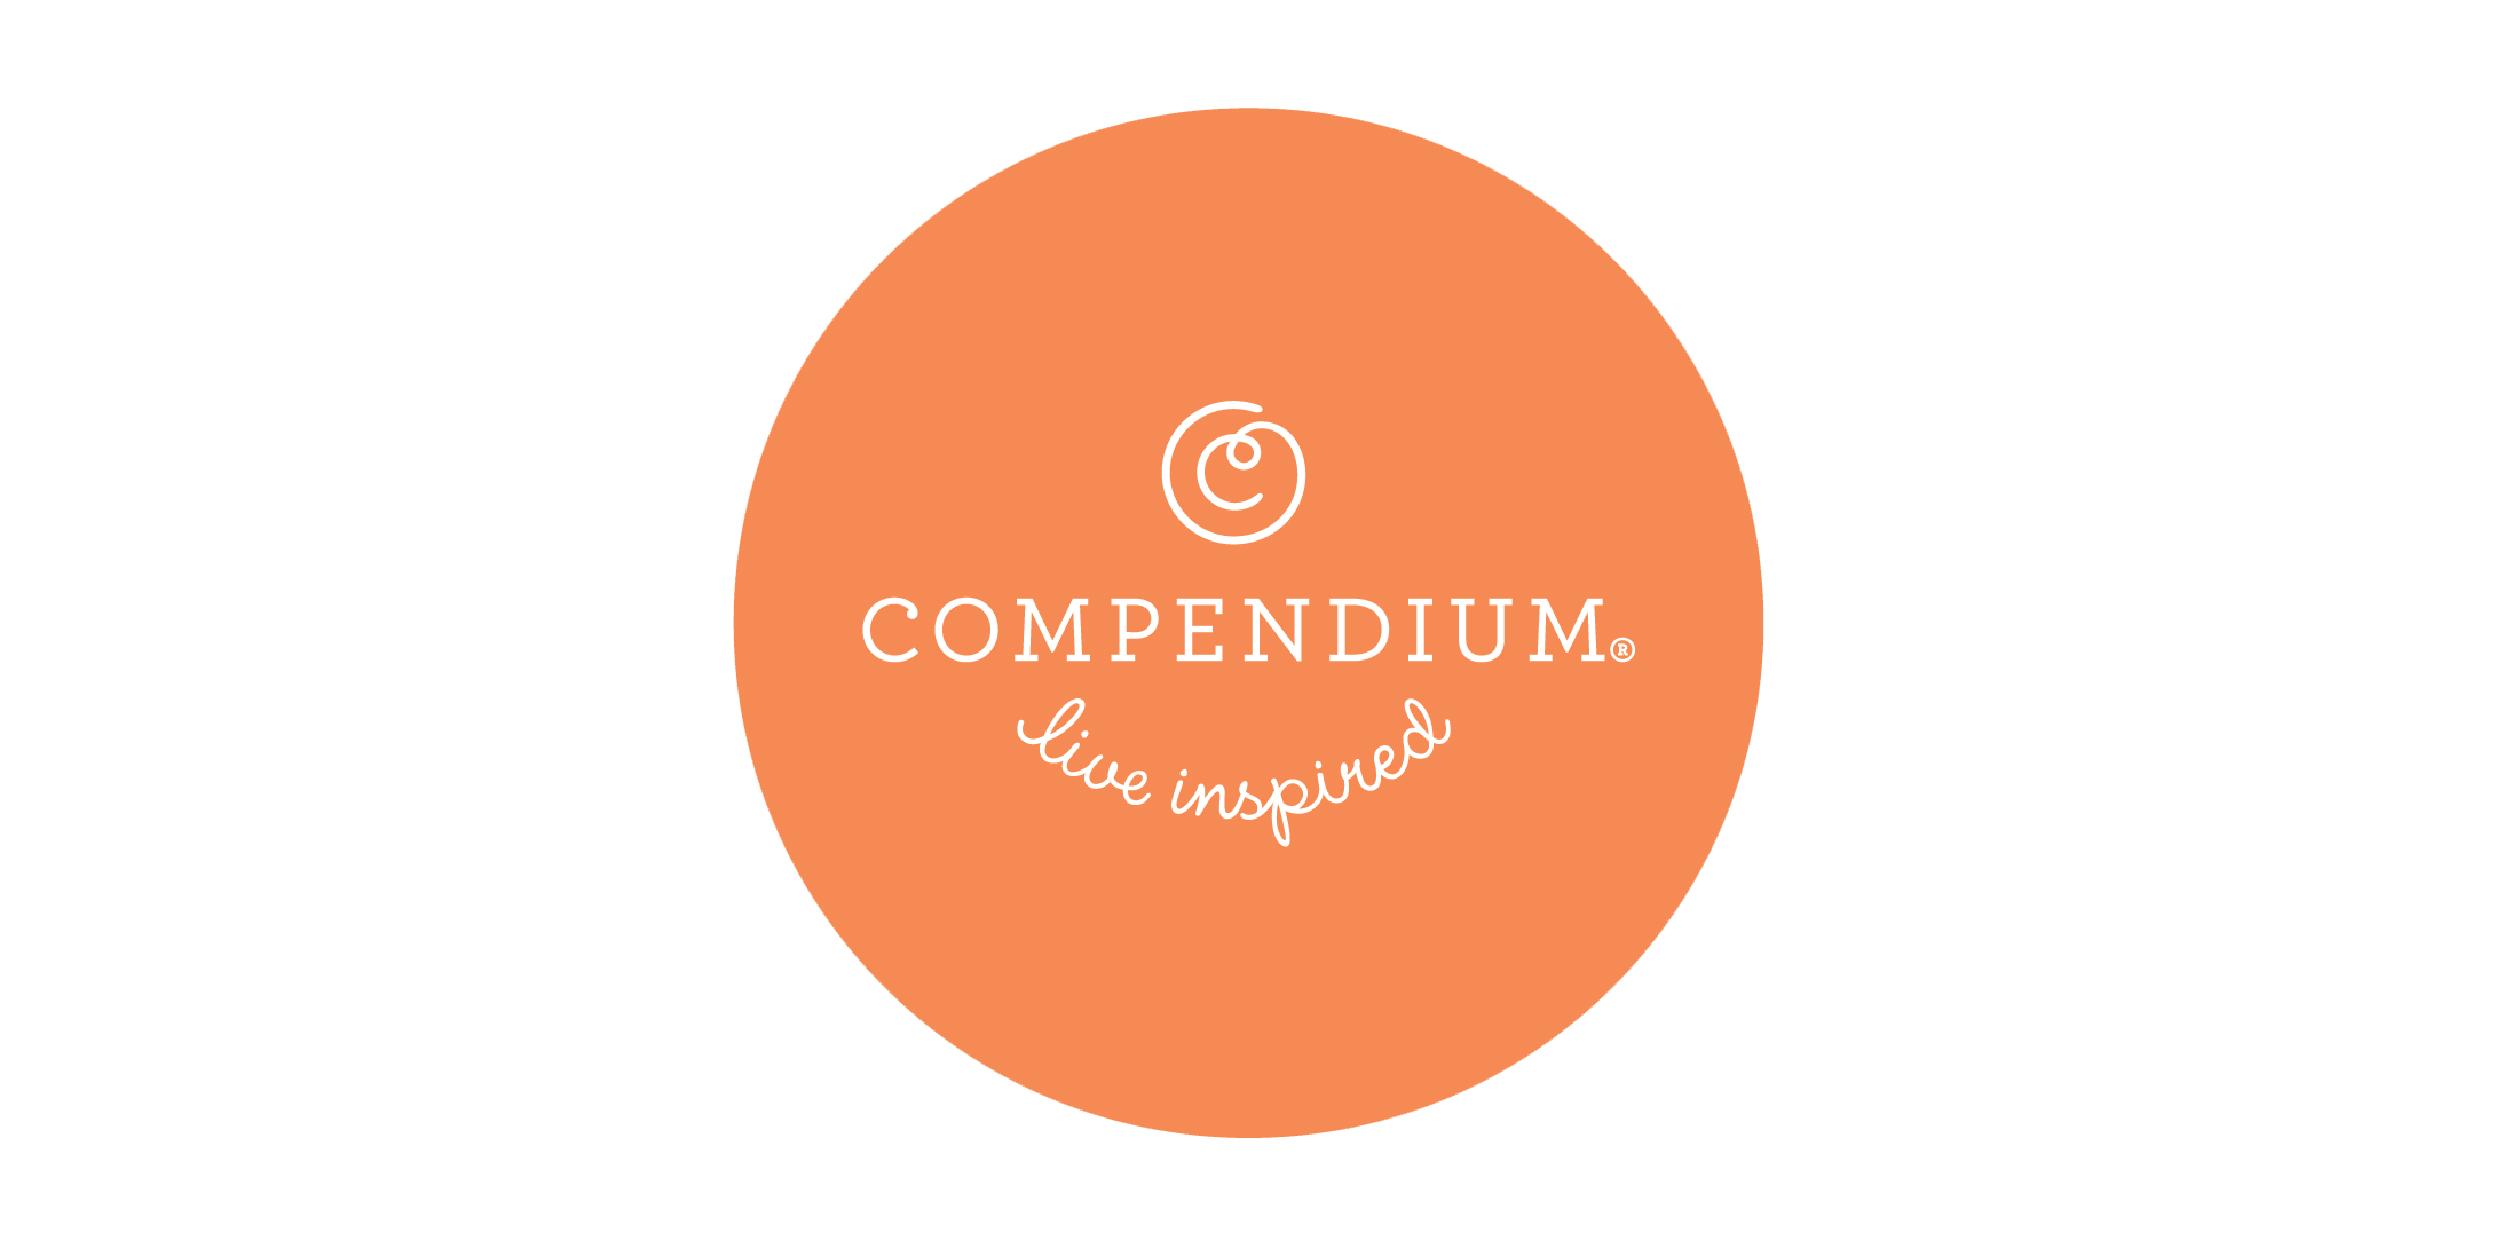 compendium-logo-01.jpg